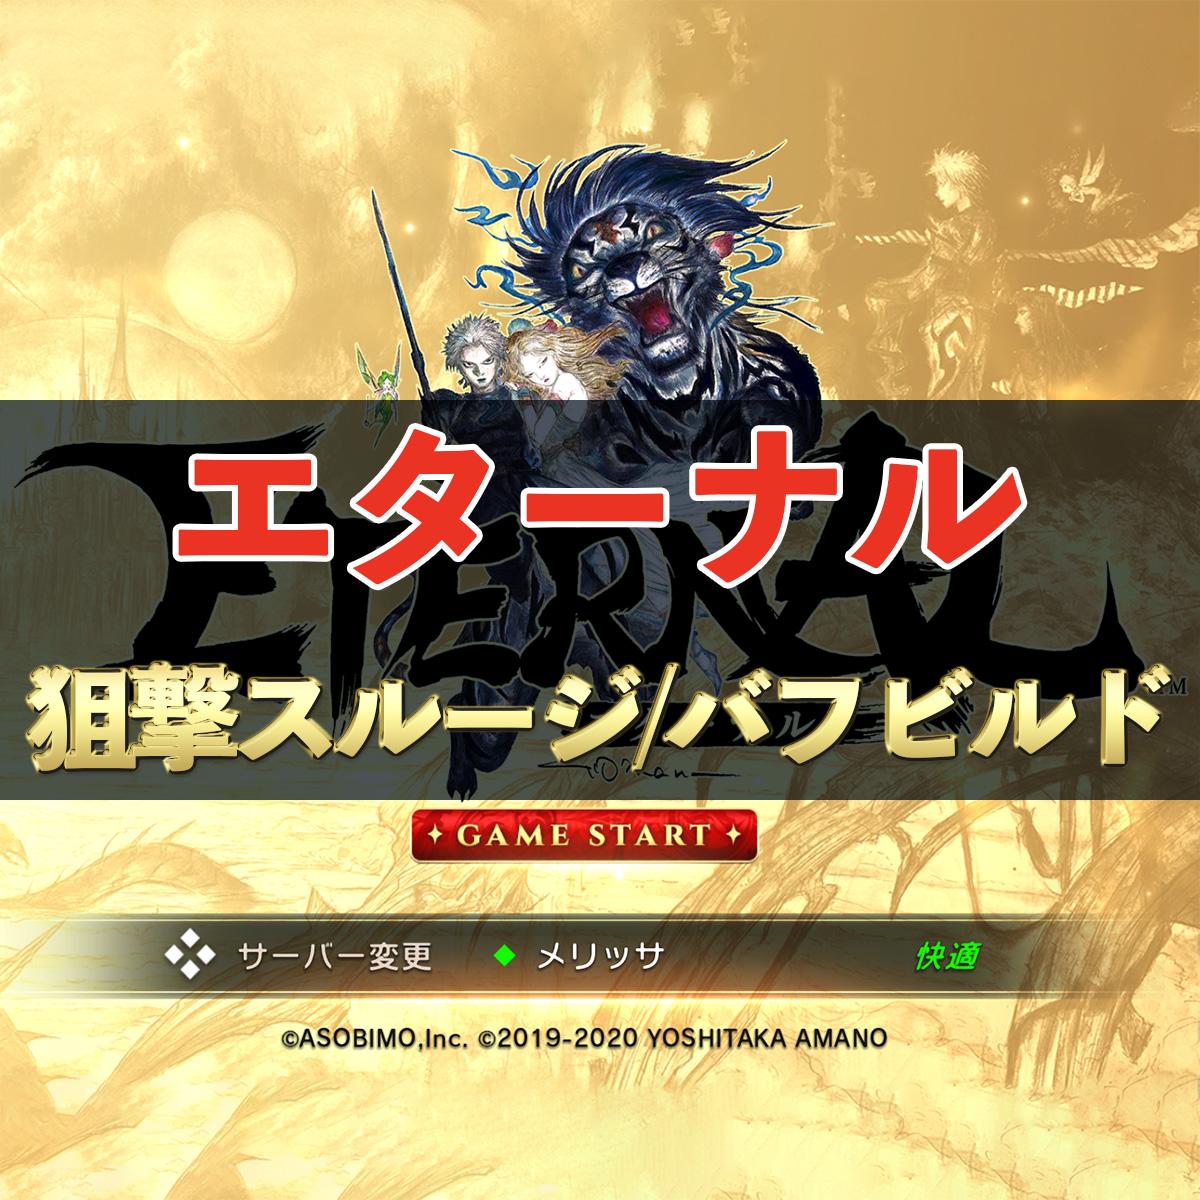 【エターナル】メイジ支援! ガンナー狙撃スルージ/バフビルド